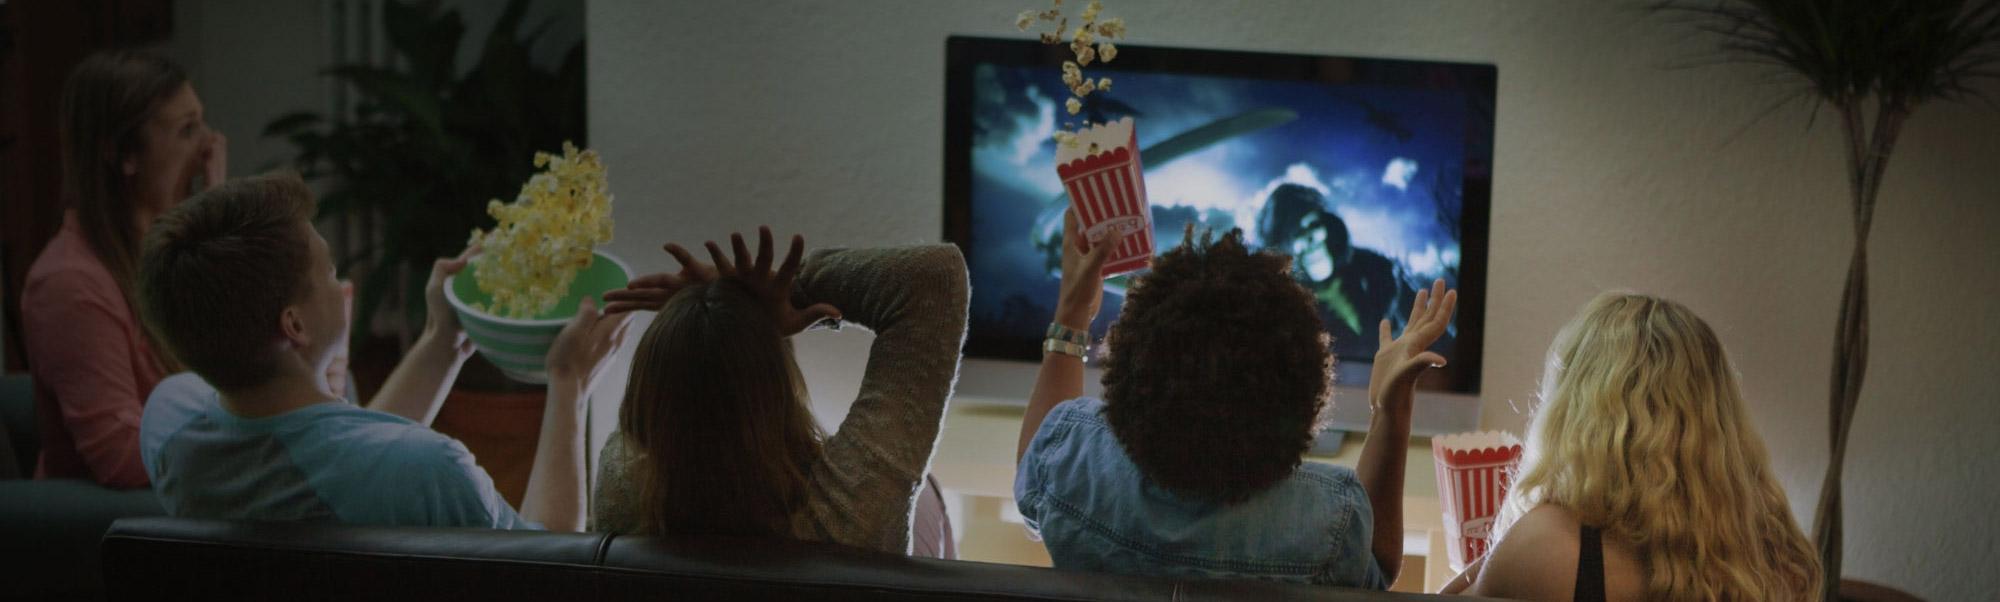 Regardez les films et les émissions de télévision les plus récents peu importe où vous vous trouvez